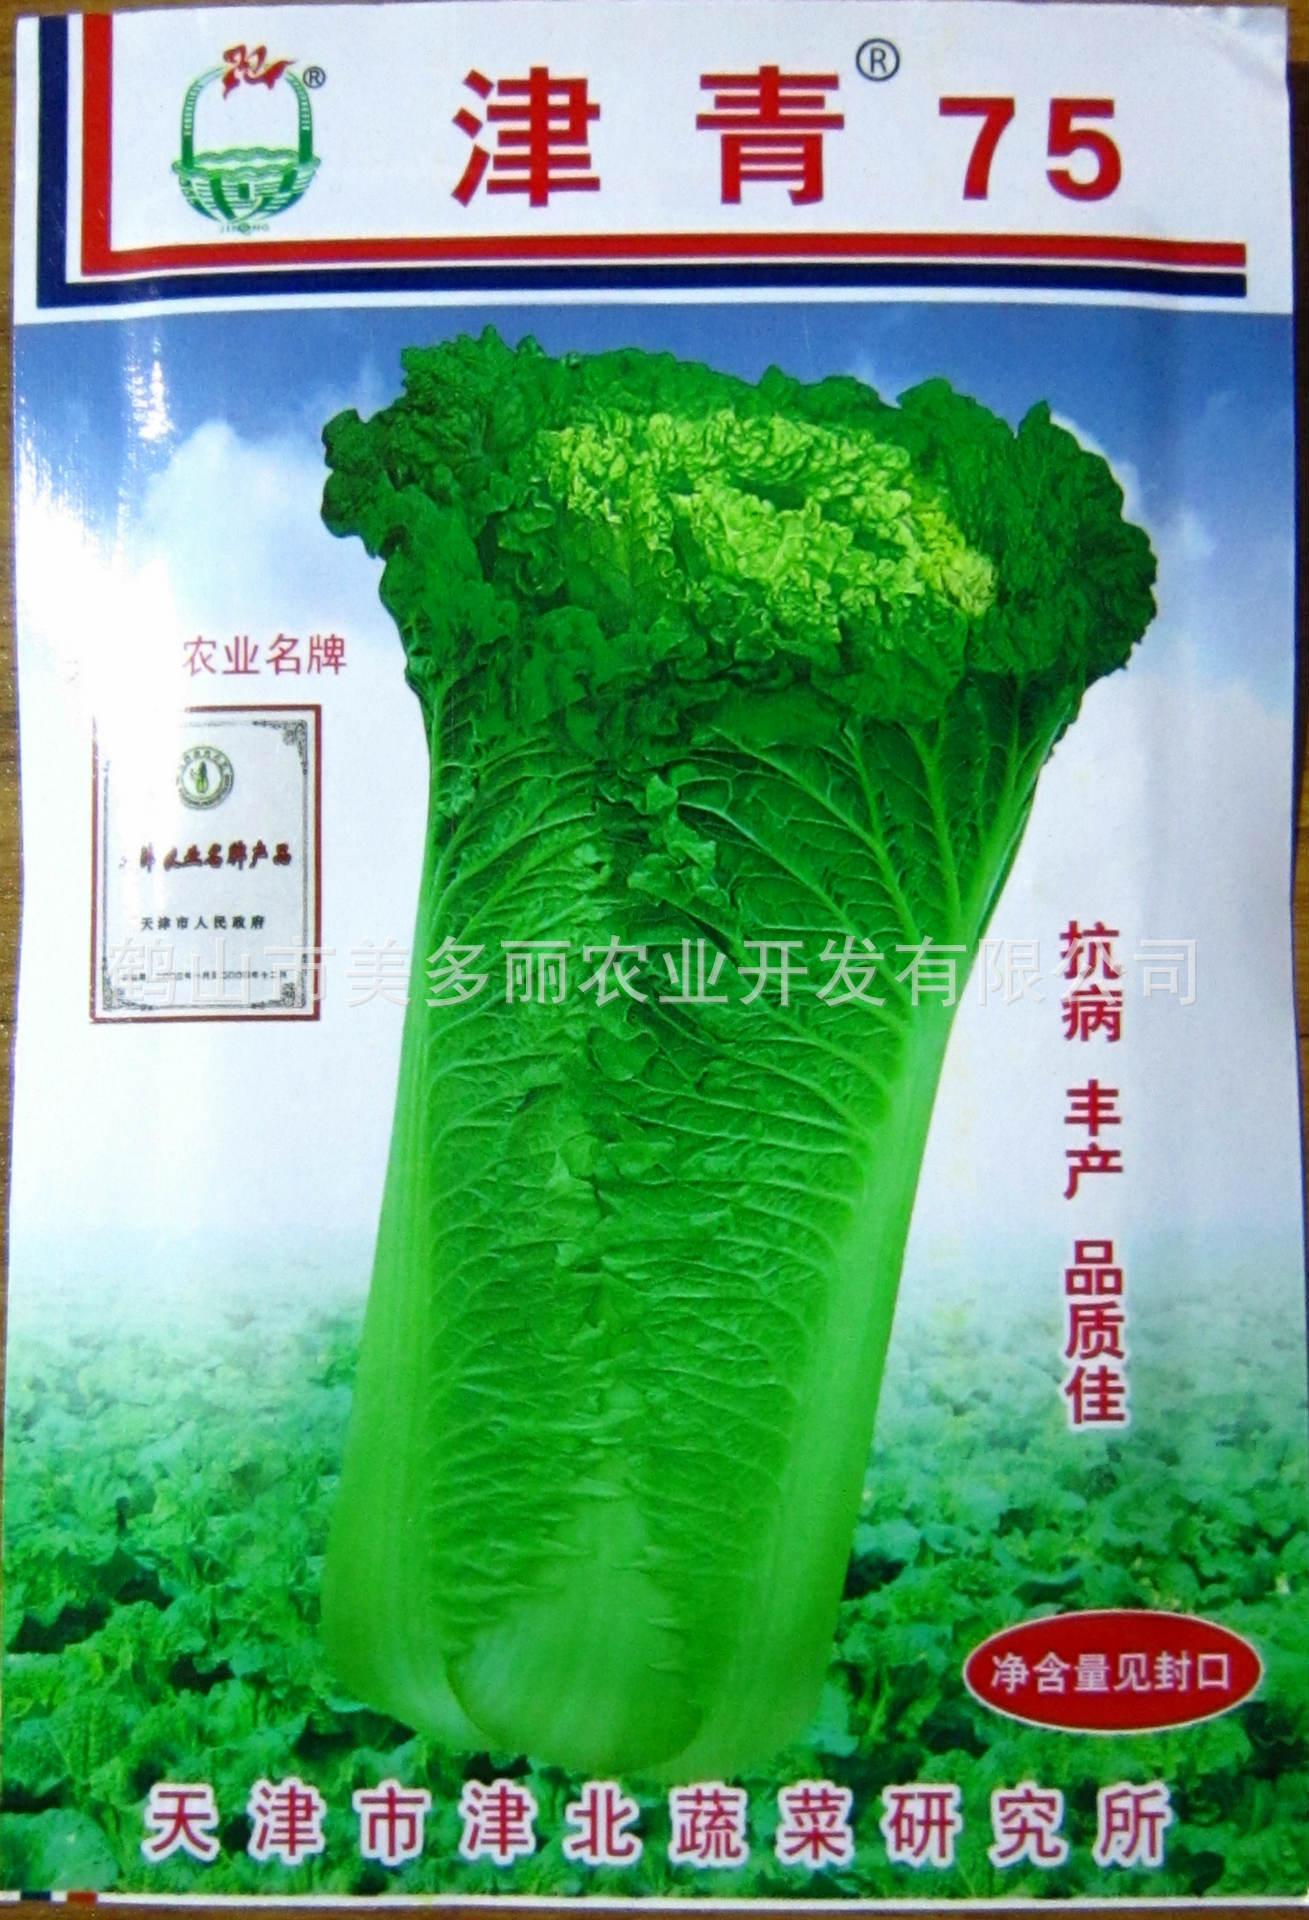 金青75号白菜种子抗病性强,产量高,品质好。